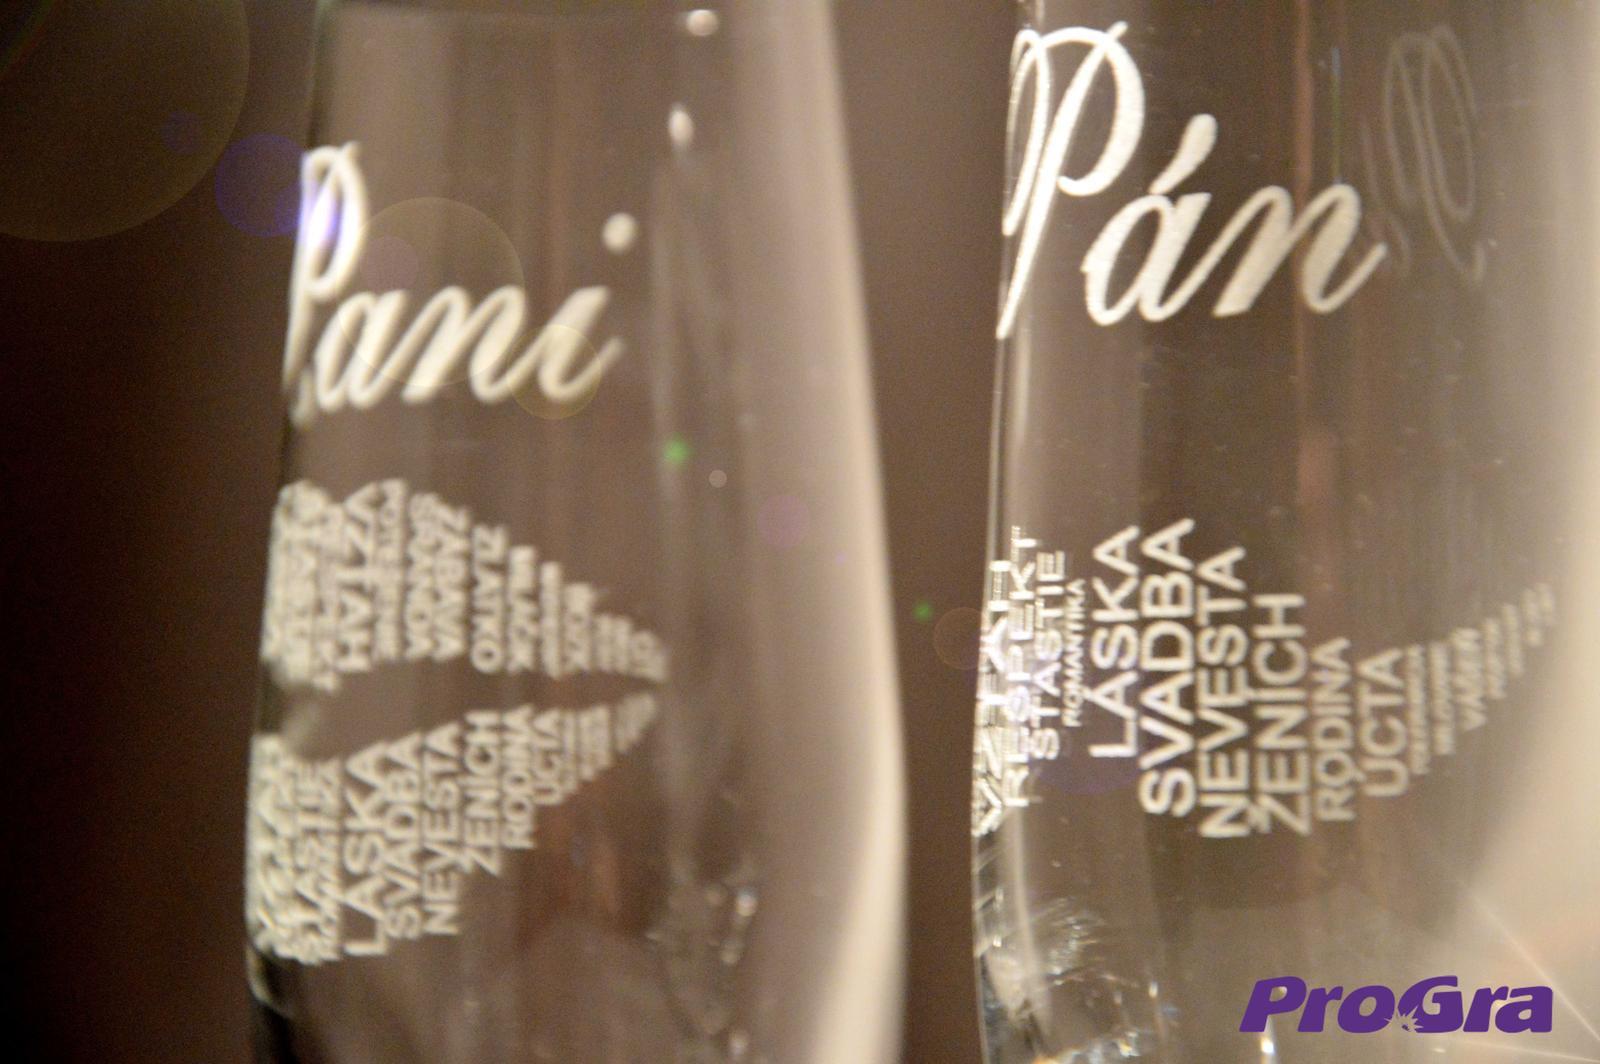 Svatební skleničky - Detail gravírování grafiky 26 na svatebních sklenicích Carmelitta z naší nabídky